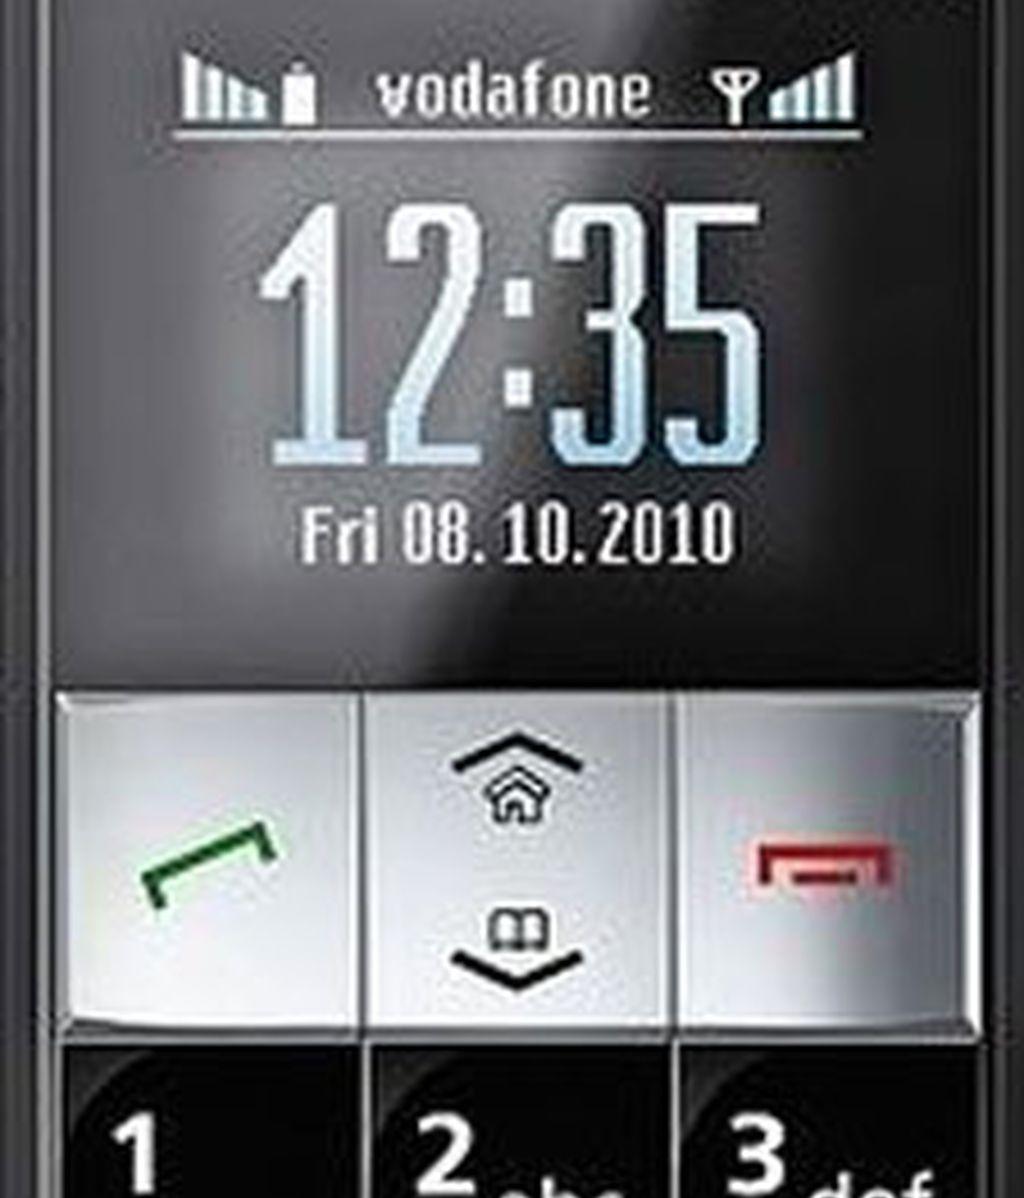 El teléfono de Vodafone es muy fácil de usar. Foto: Vodafone